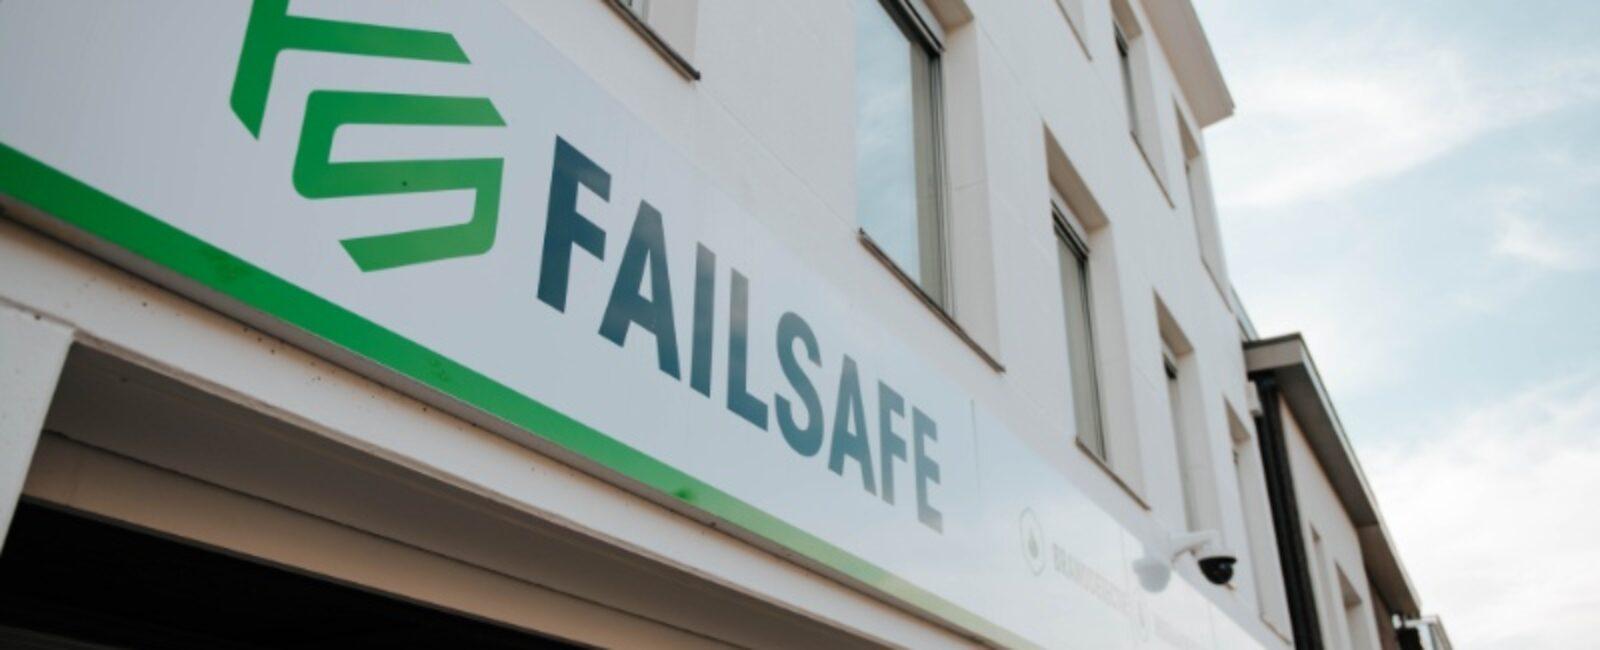 failsafe-contact-01